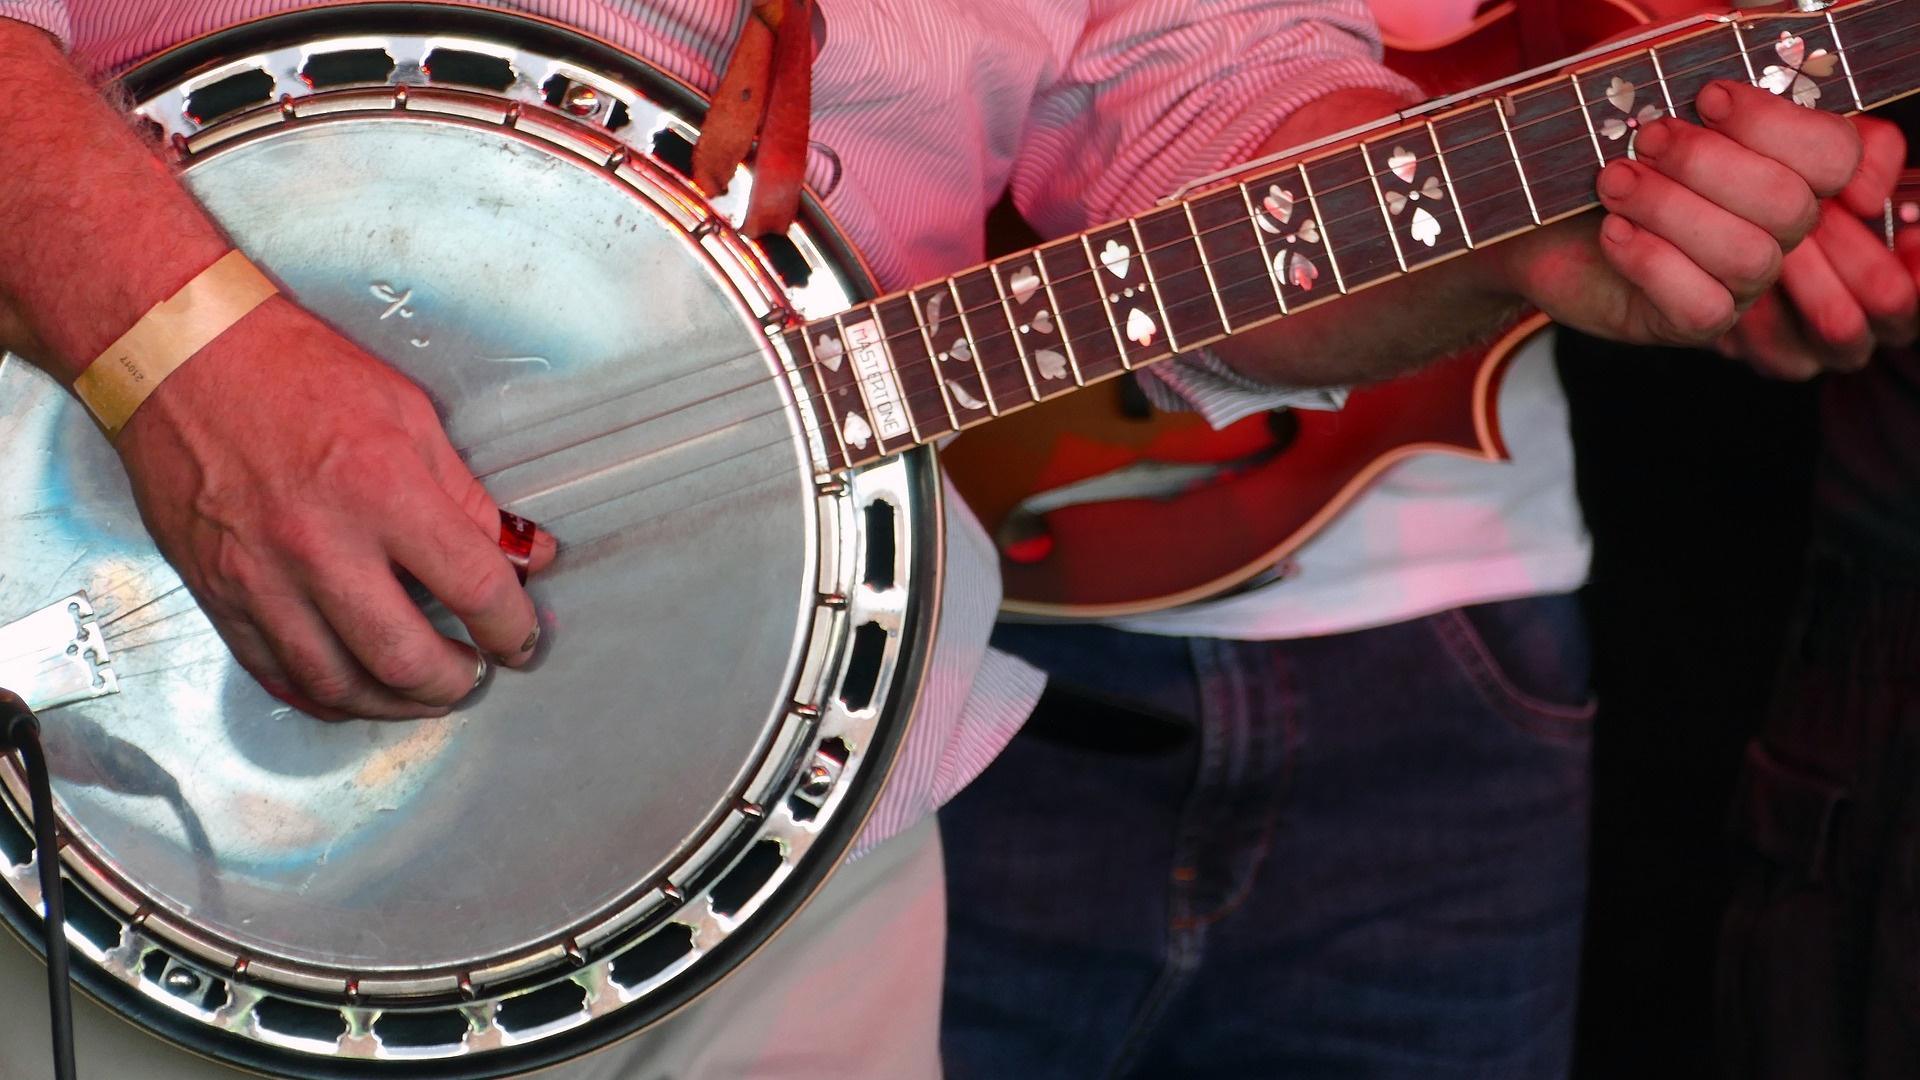 Banjo spielen lernen ist mit diesen nützlichen Tipps schnell möglich